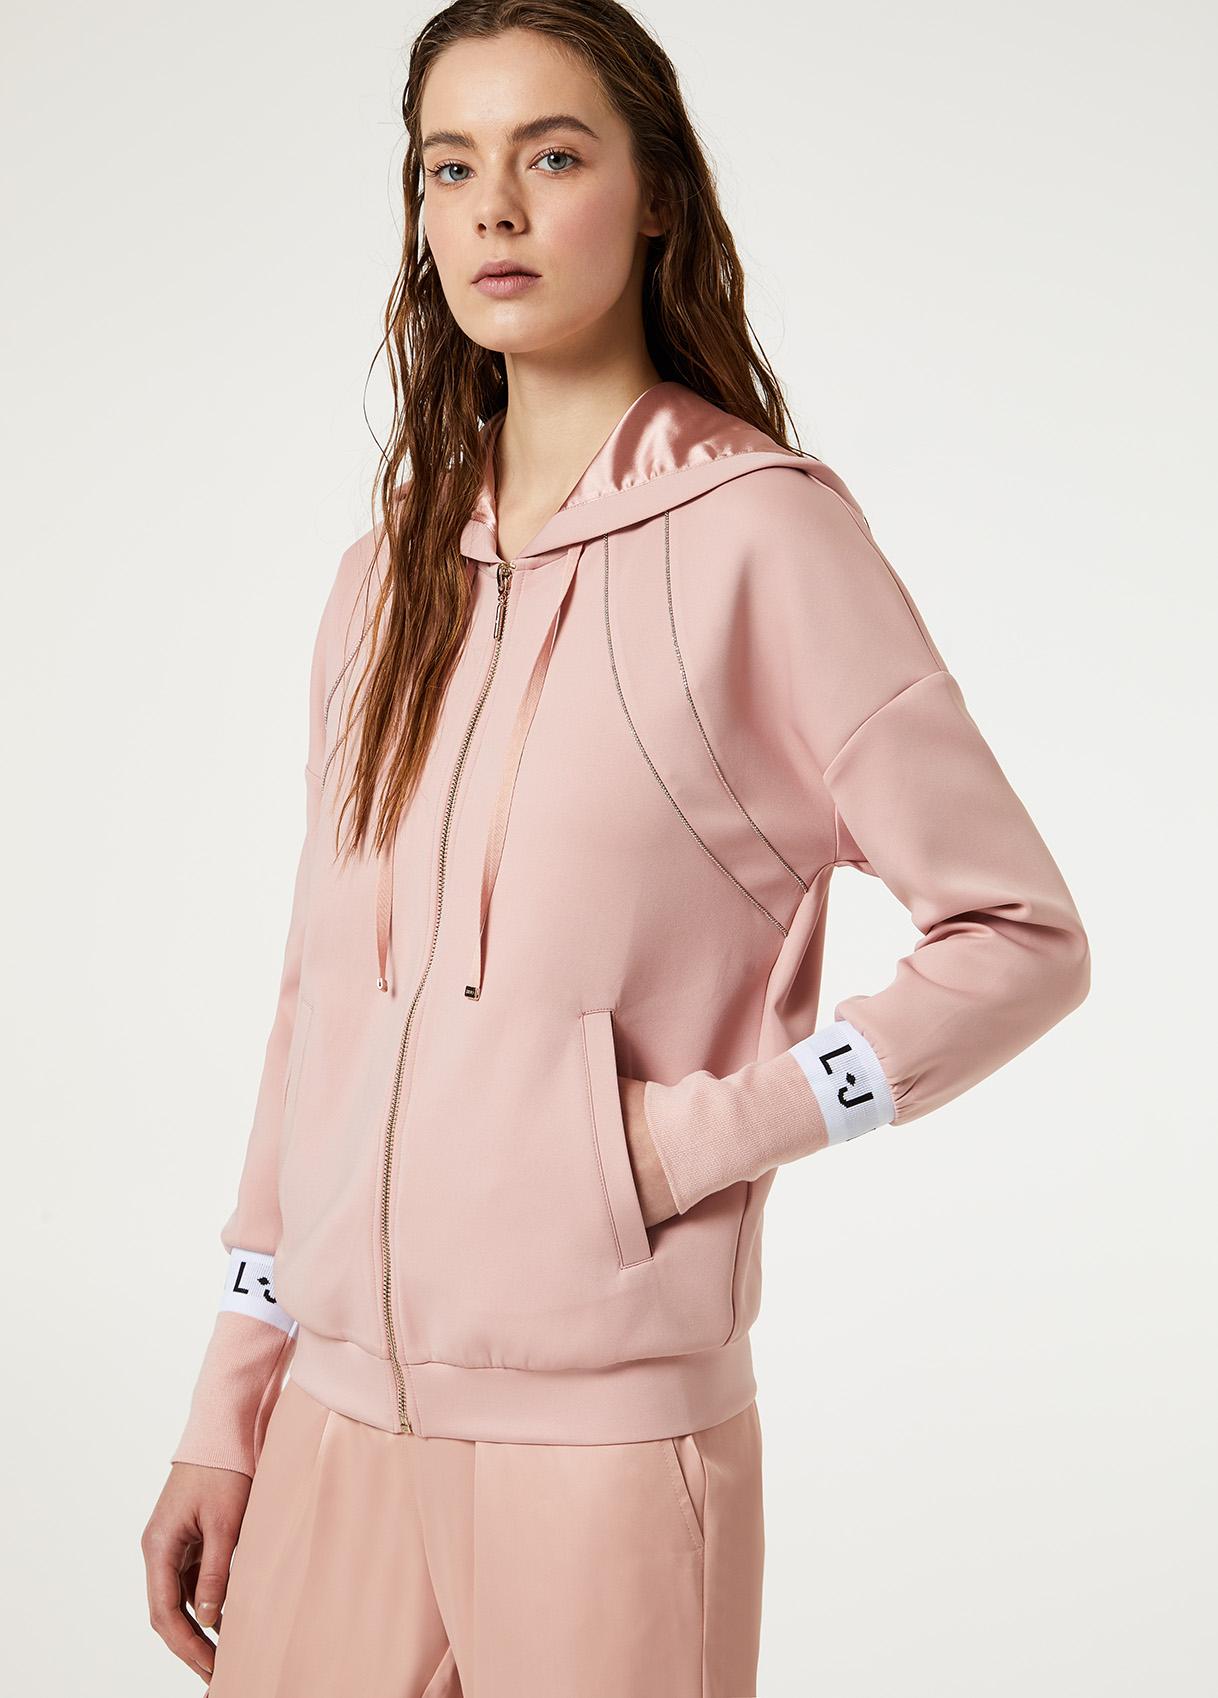 Sweathshirt made of stretch fabric  LIUJO SPORT |  | TA0076J591822222